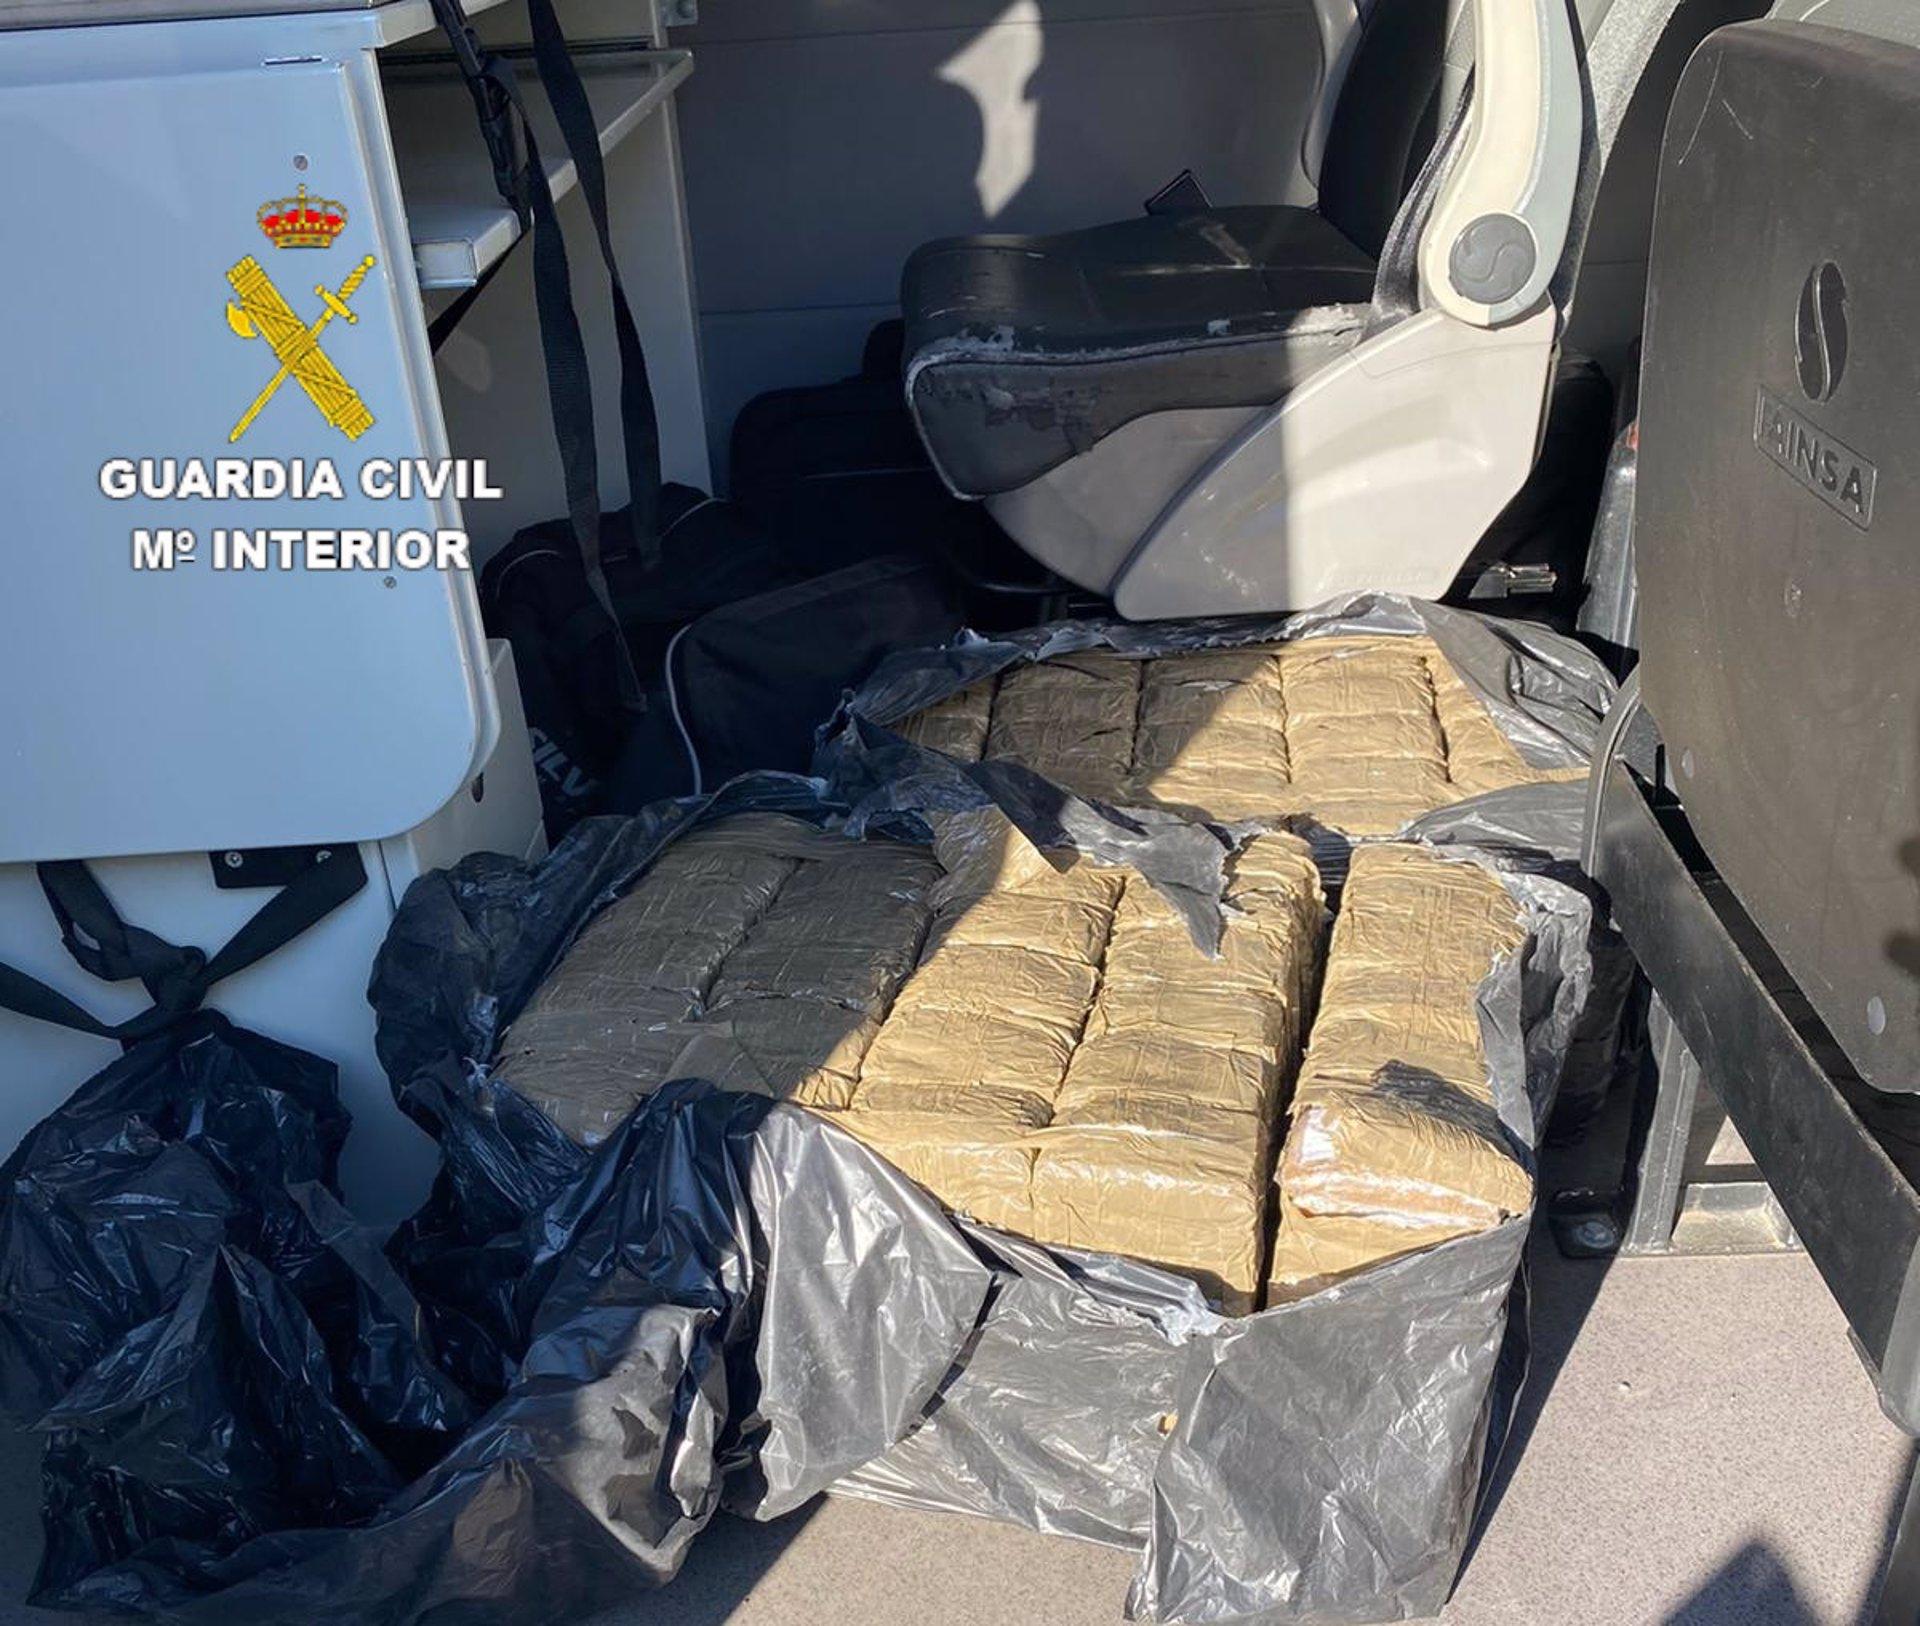 Detenido por transportar 63 kilos de hachís en un vehículo de alquiler tras una persecución